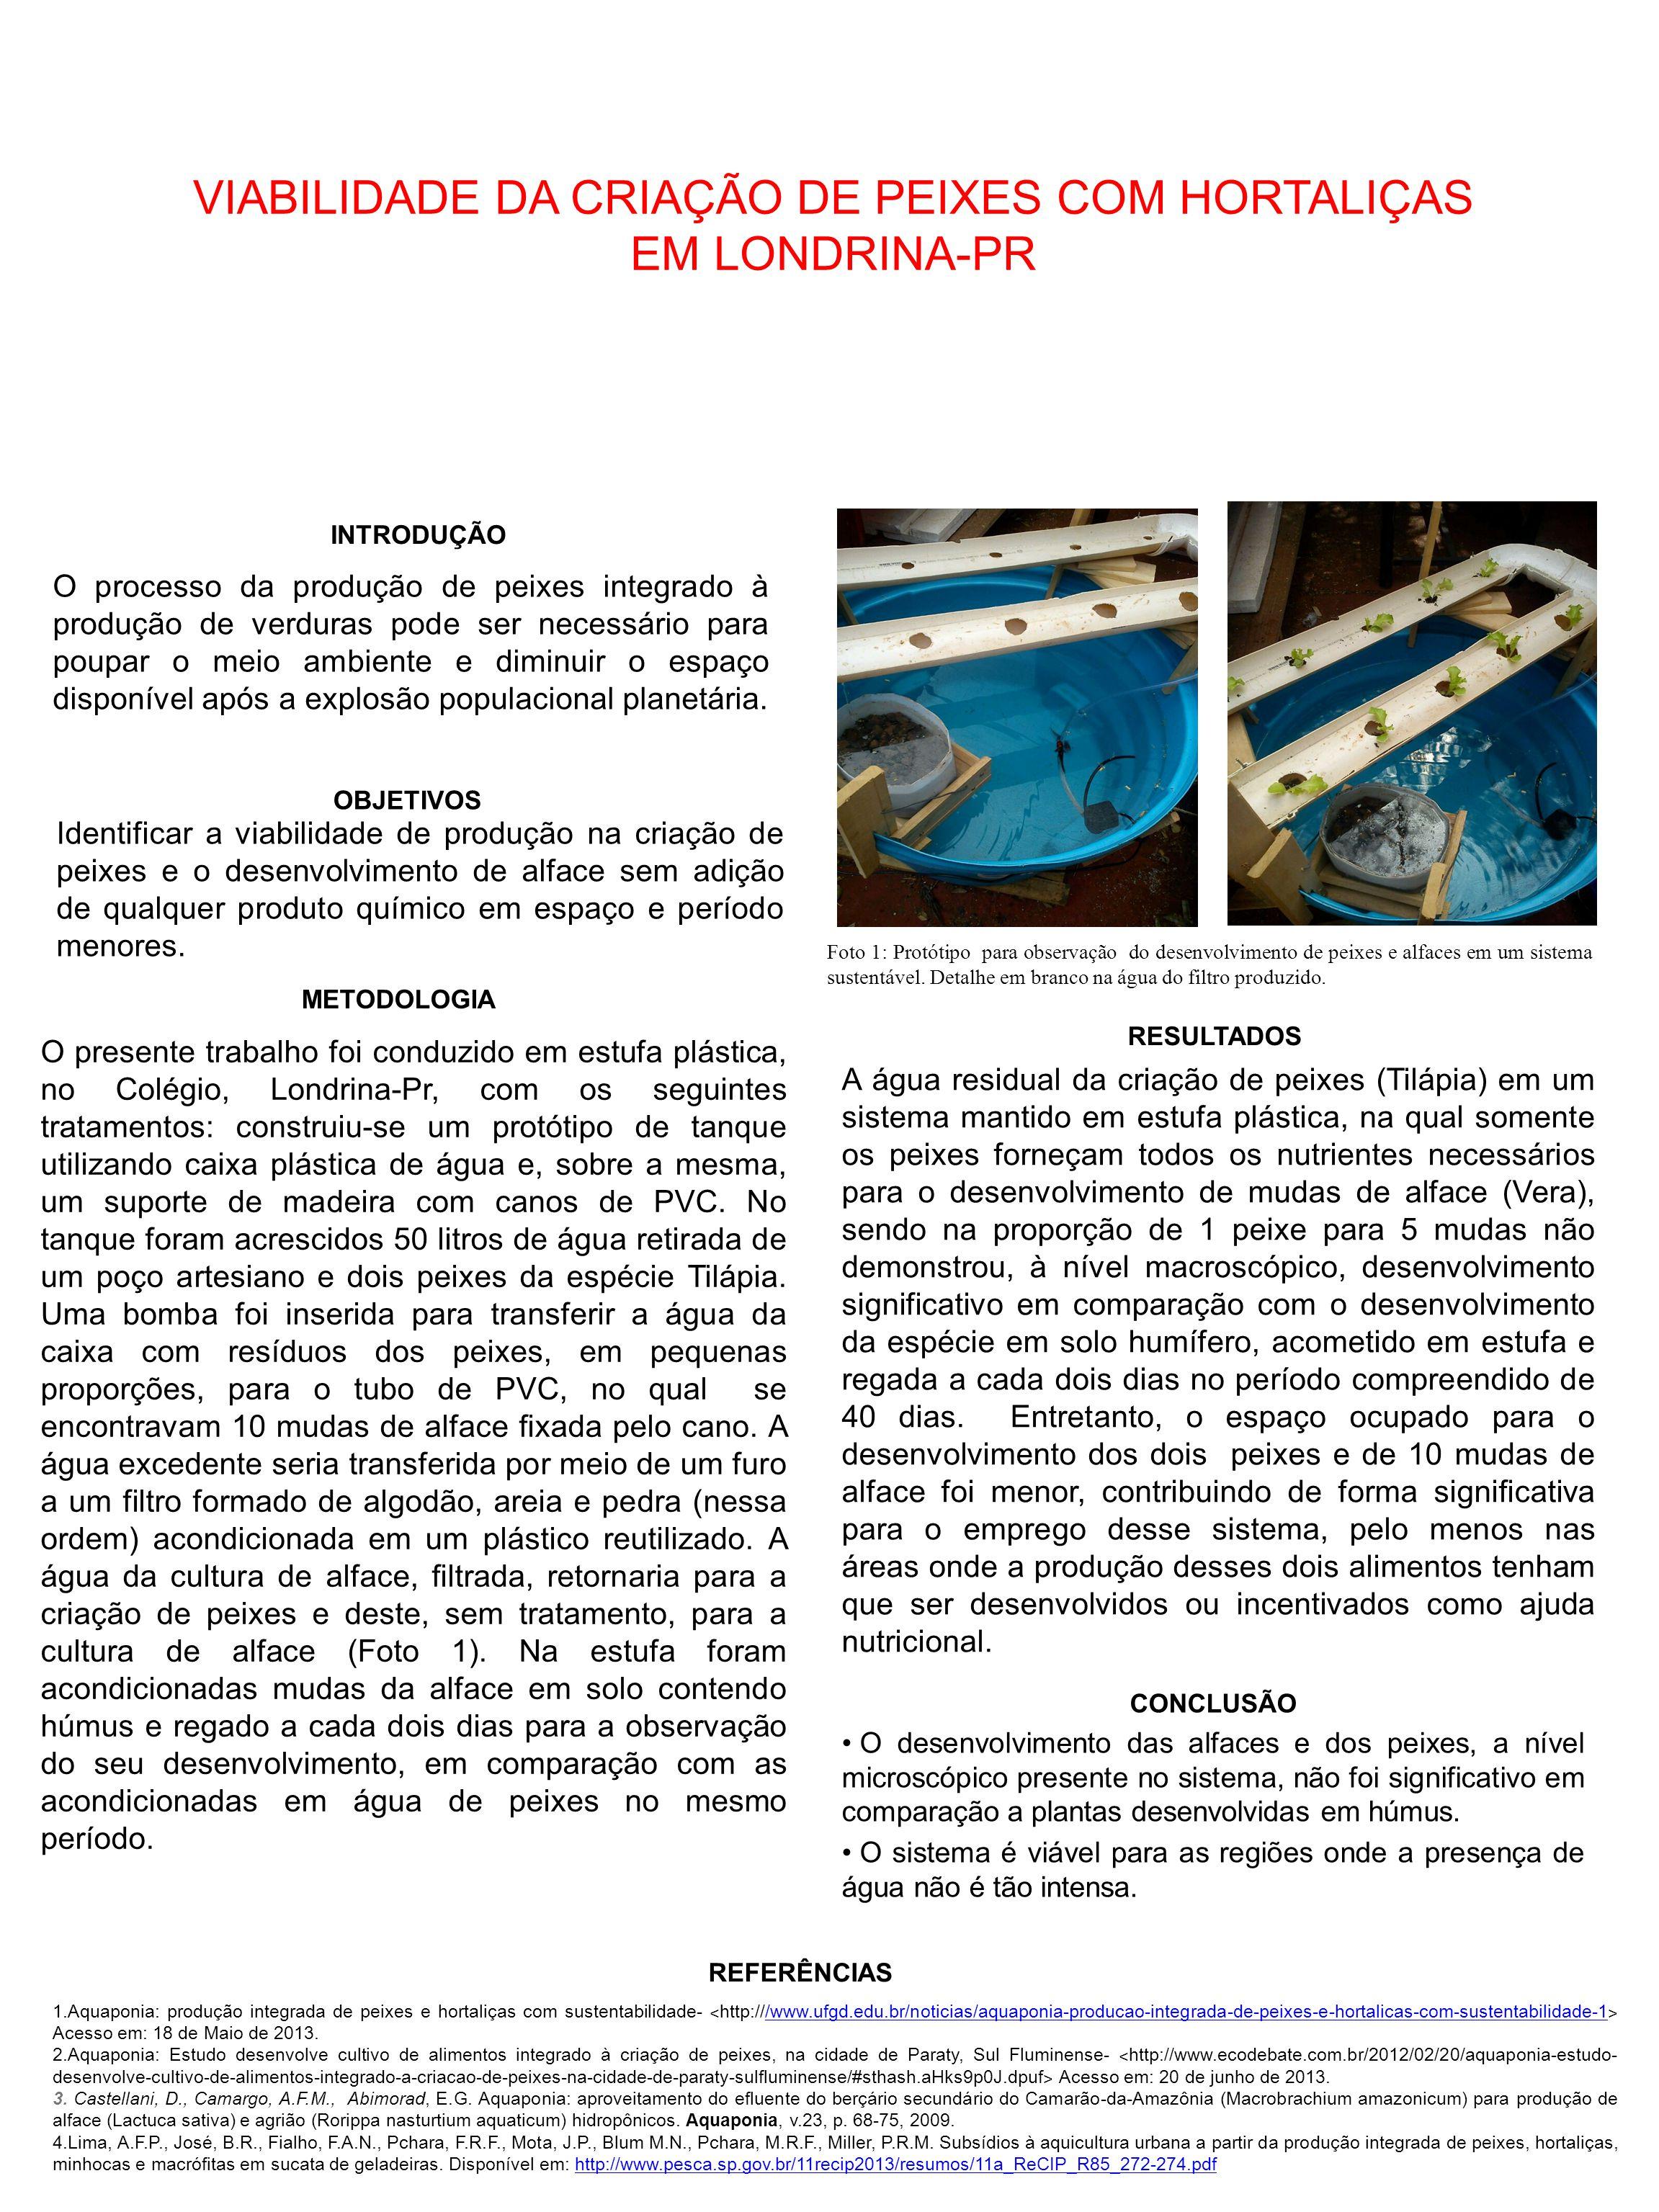 INTRODUÇÃO REFERÊNCIAS OBJETIVOS RESULTADOS METODOLOGIA CONCLUSÃO O desenvolvimento das alfaces e dos peixes, a nível microscópico presente no sistema